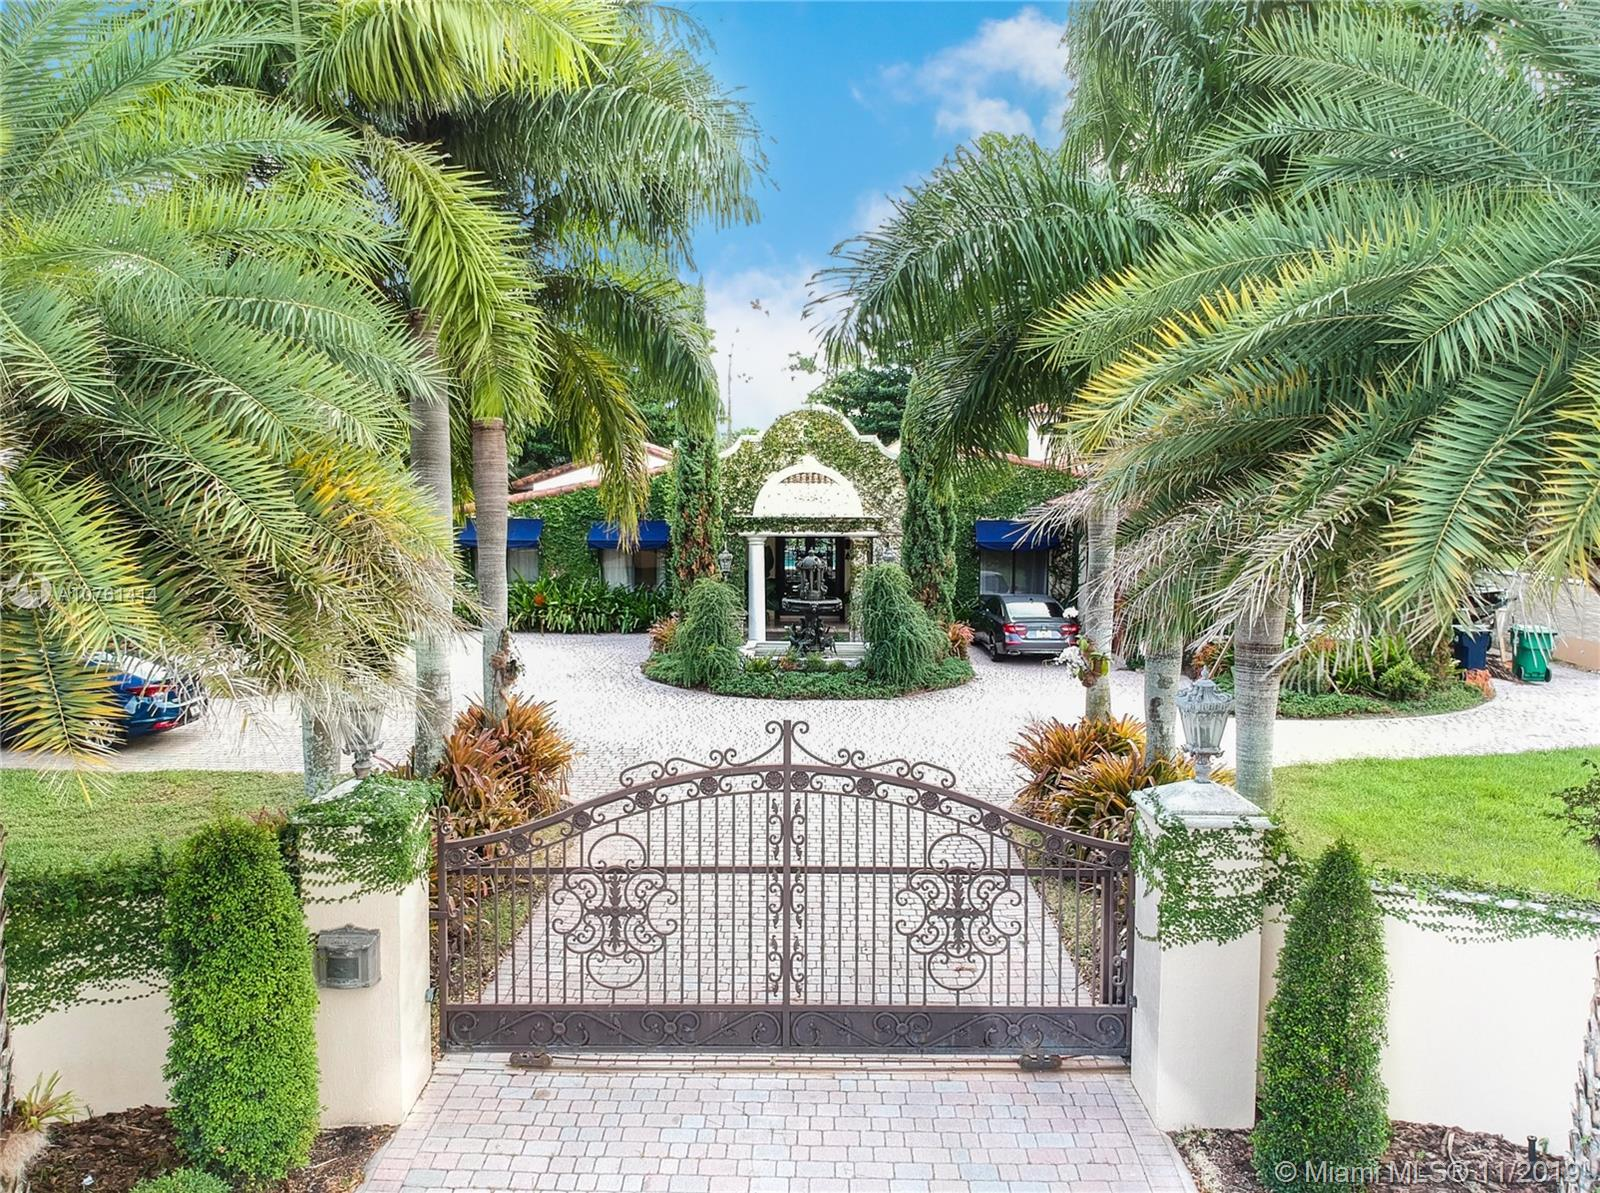 8620 Miller Dr, Miami, FL 33155 - Miami, FL real estate listing